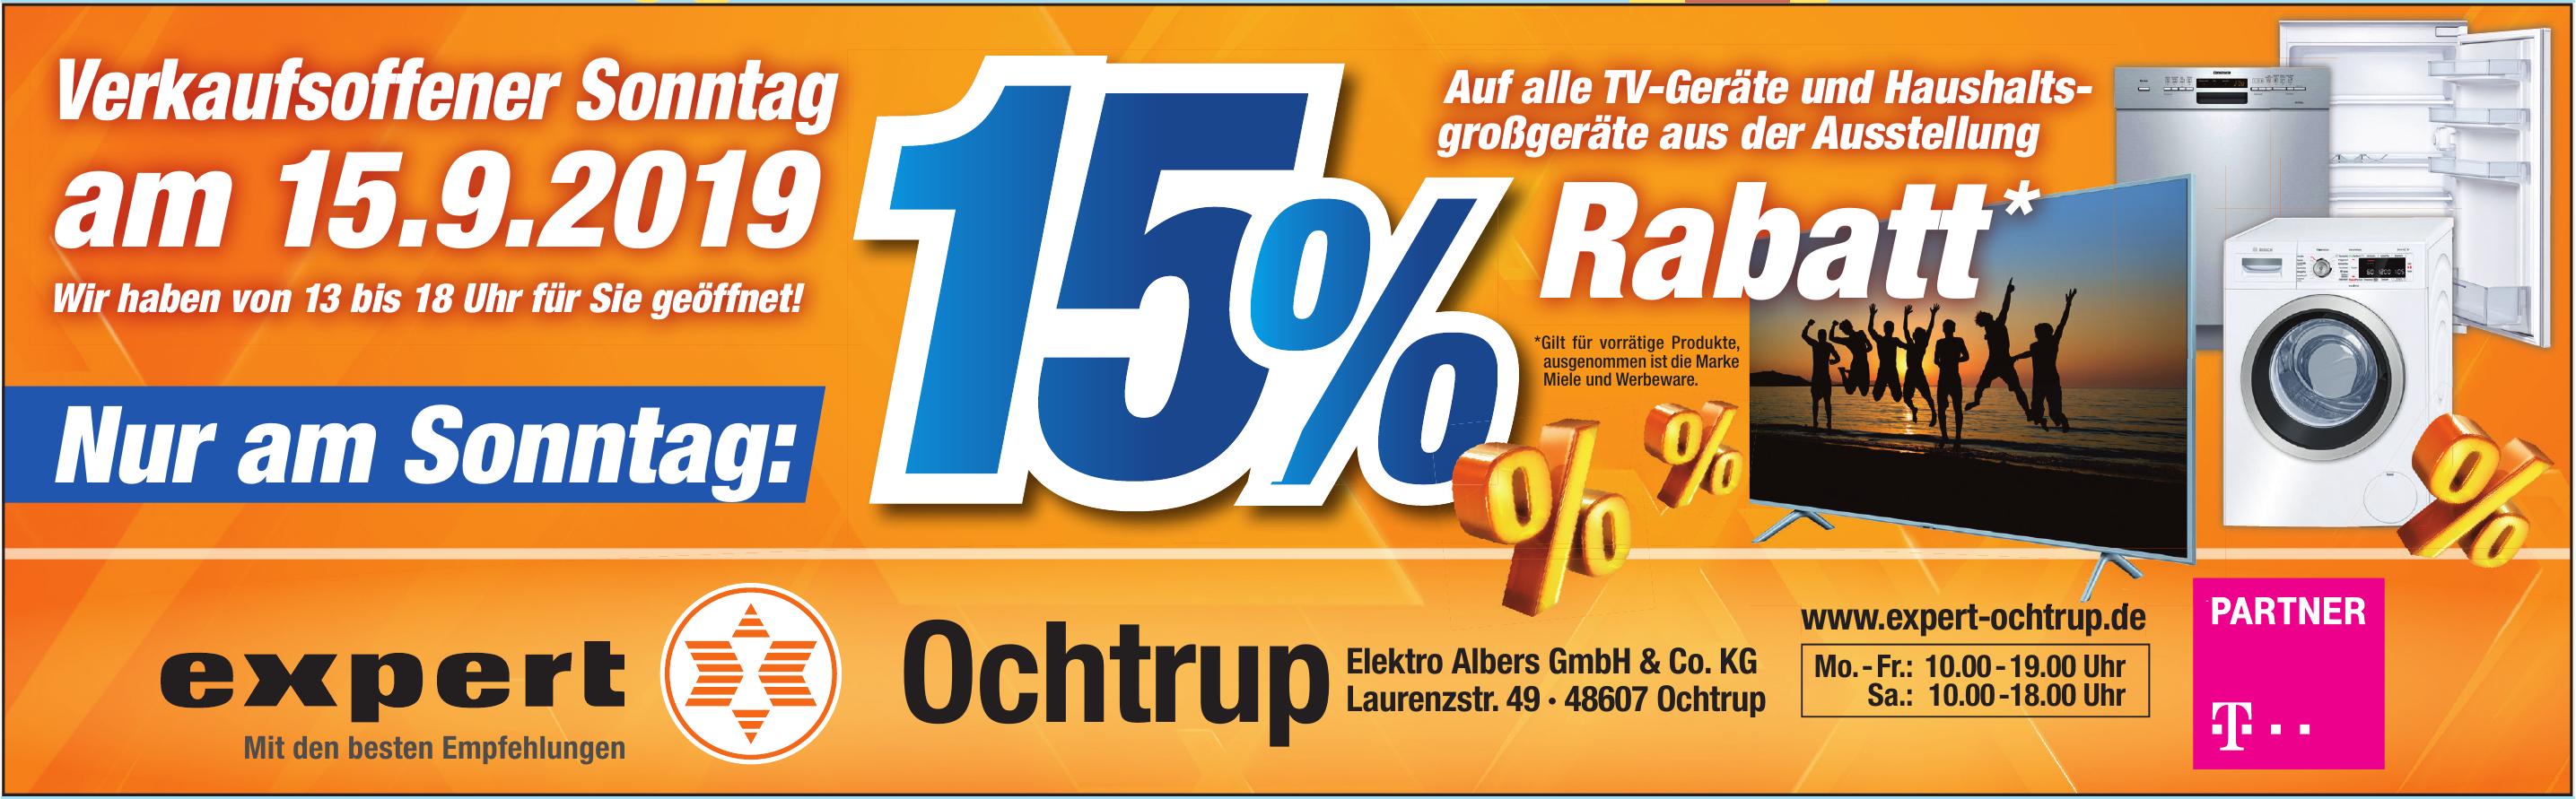 Expert Ochtrup Elektro Albers GmbH & Co. KG